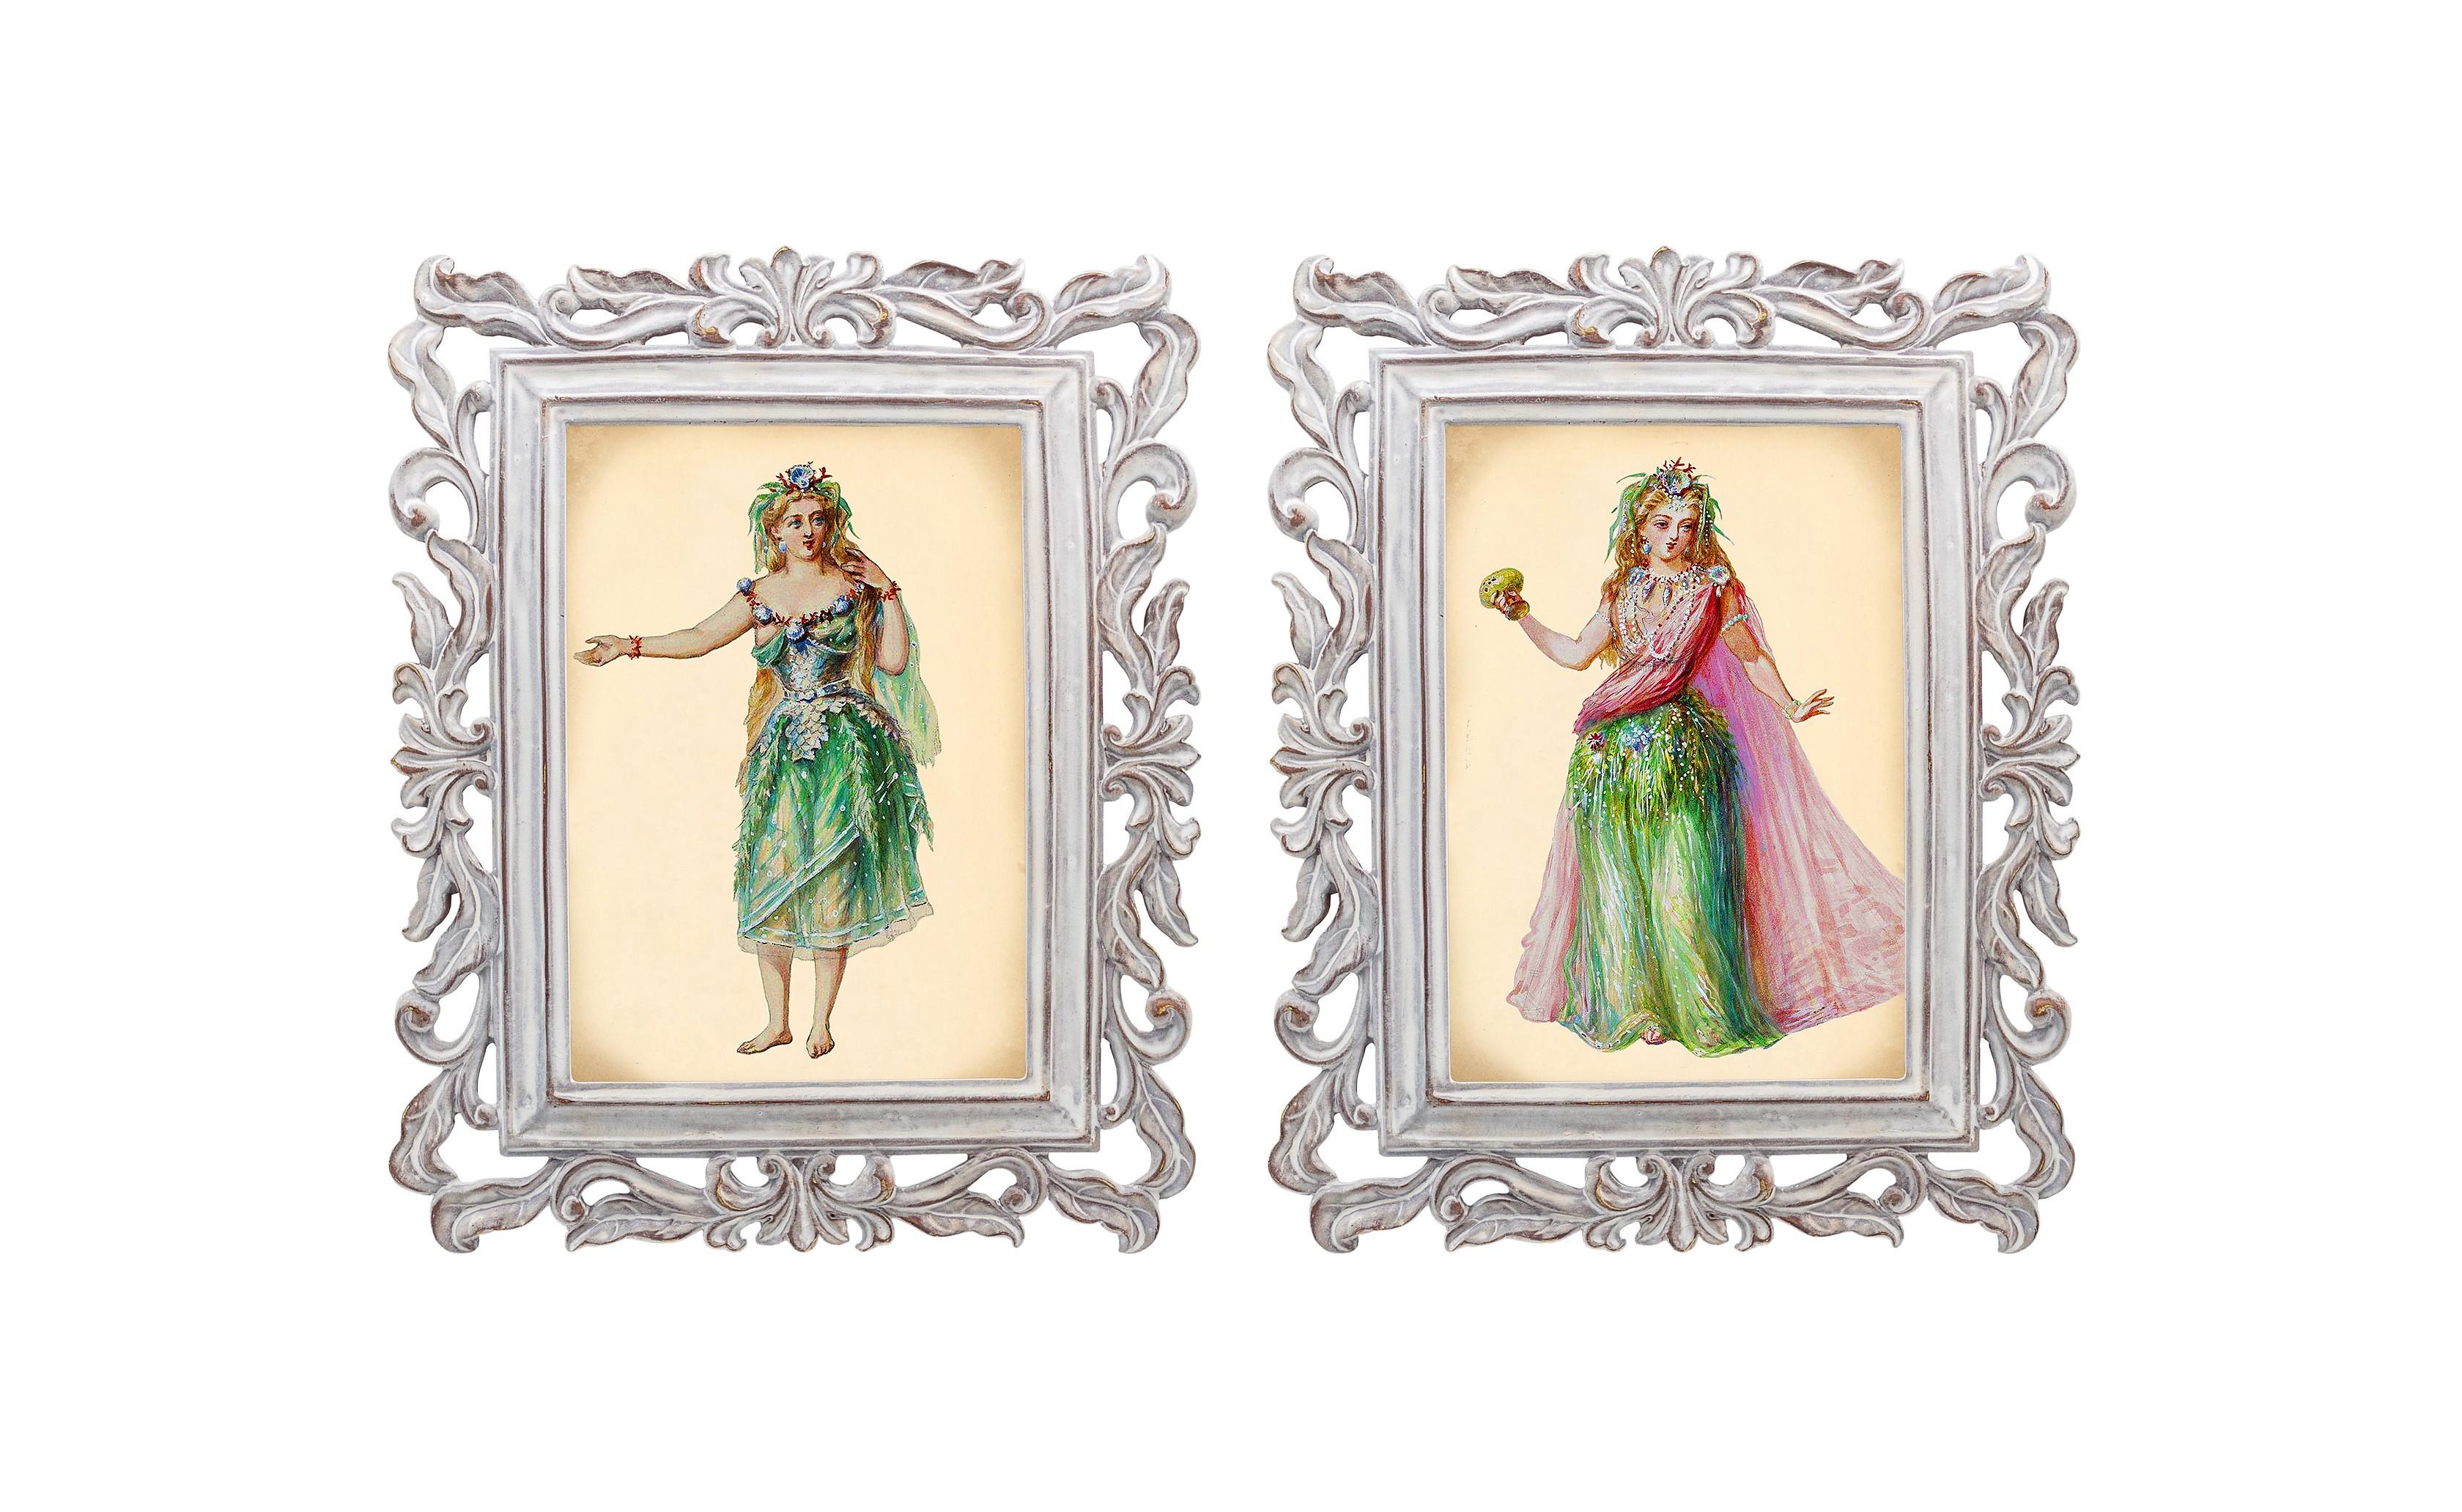 Набор из двух репродукций Агата и Бурлеск 15Картины<br>&amp;lt;div&amp;gt;Перья в прическе, роскошная шелковая шаль, декоративные цветы – это милый и вполне простительный признак кокетства. Репродукции старинных изображений из серии «Бурлеск» переносят нас в викторианскую эпоху роскоши и богатства. Погружаться в сказку, поведанную этими картинами, будет приятно и Вашим гостям.&amp;lt;/div&amp;gt;&amp;lt;div&amp;gt;Этот изящный предмет декора завораживает и создает особую уютную атмосферу.&amp;lt;/div&amp;gt;&amp;lt;div&amp;gt;Изображения картин наполнены уникальными эмоциями и тайной, скрытой под кристально прозрачным стеклом.&amp;lt;/div&amp;gt;<br><br>Material: Камень<br>Width см: 21<br>Depth см: 1,7<br>Height см: 26